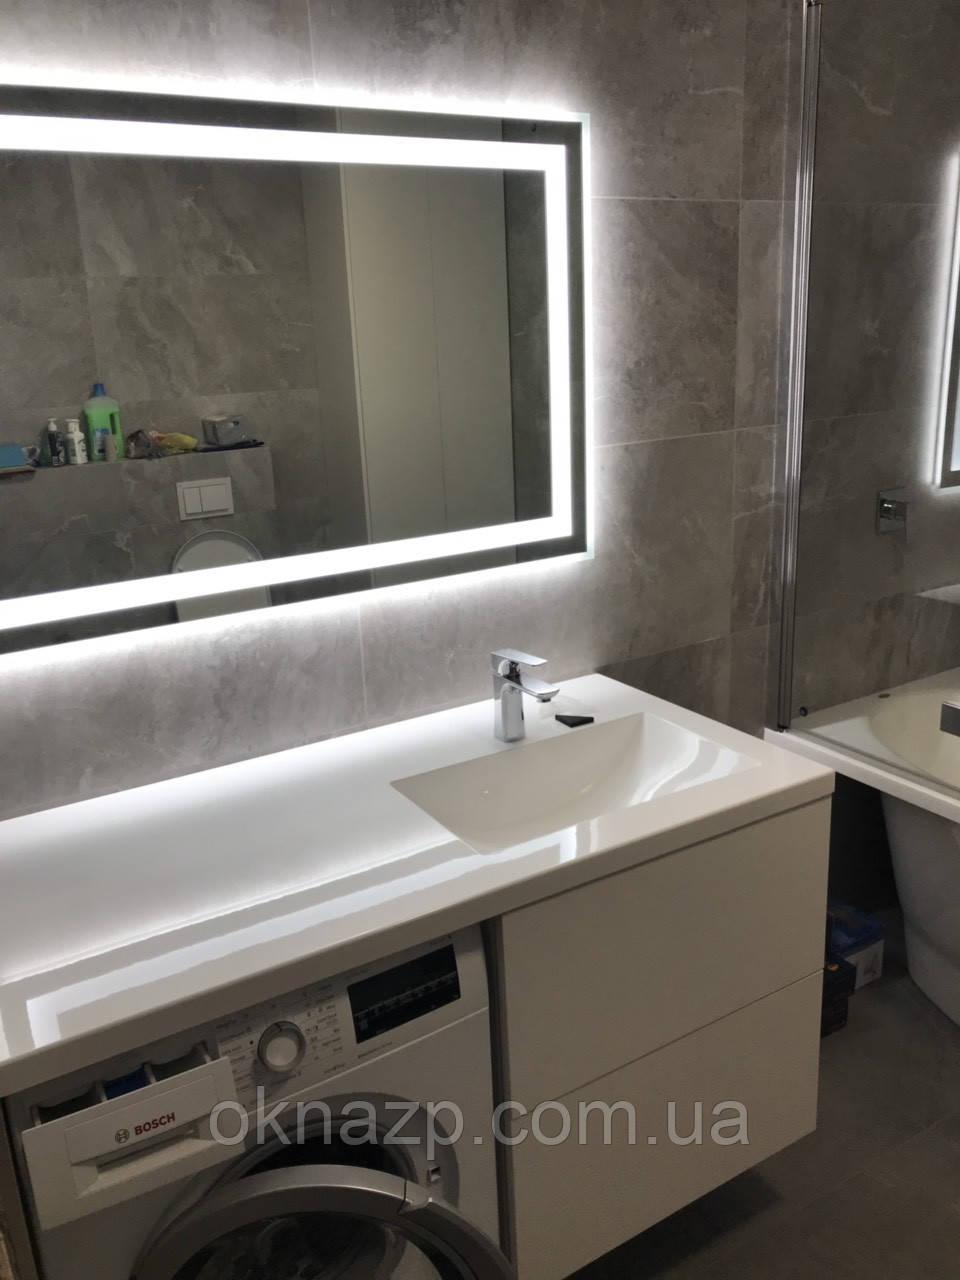 Столешница для ванной (литой умывальник +2700грн./шт. дополнительно)